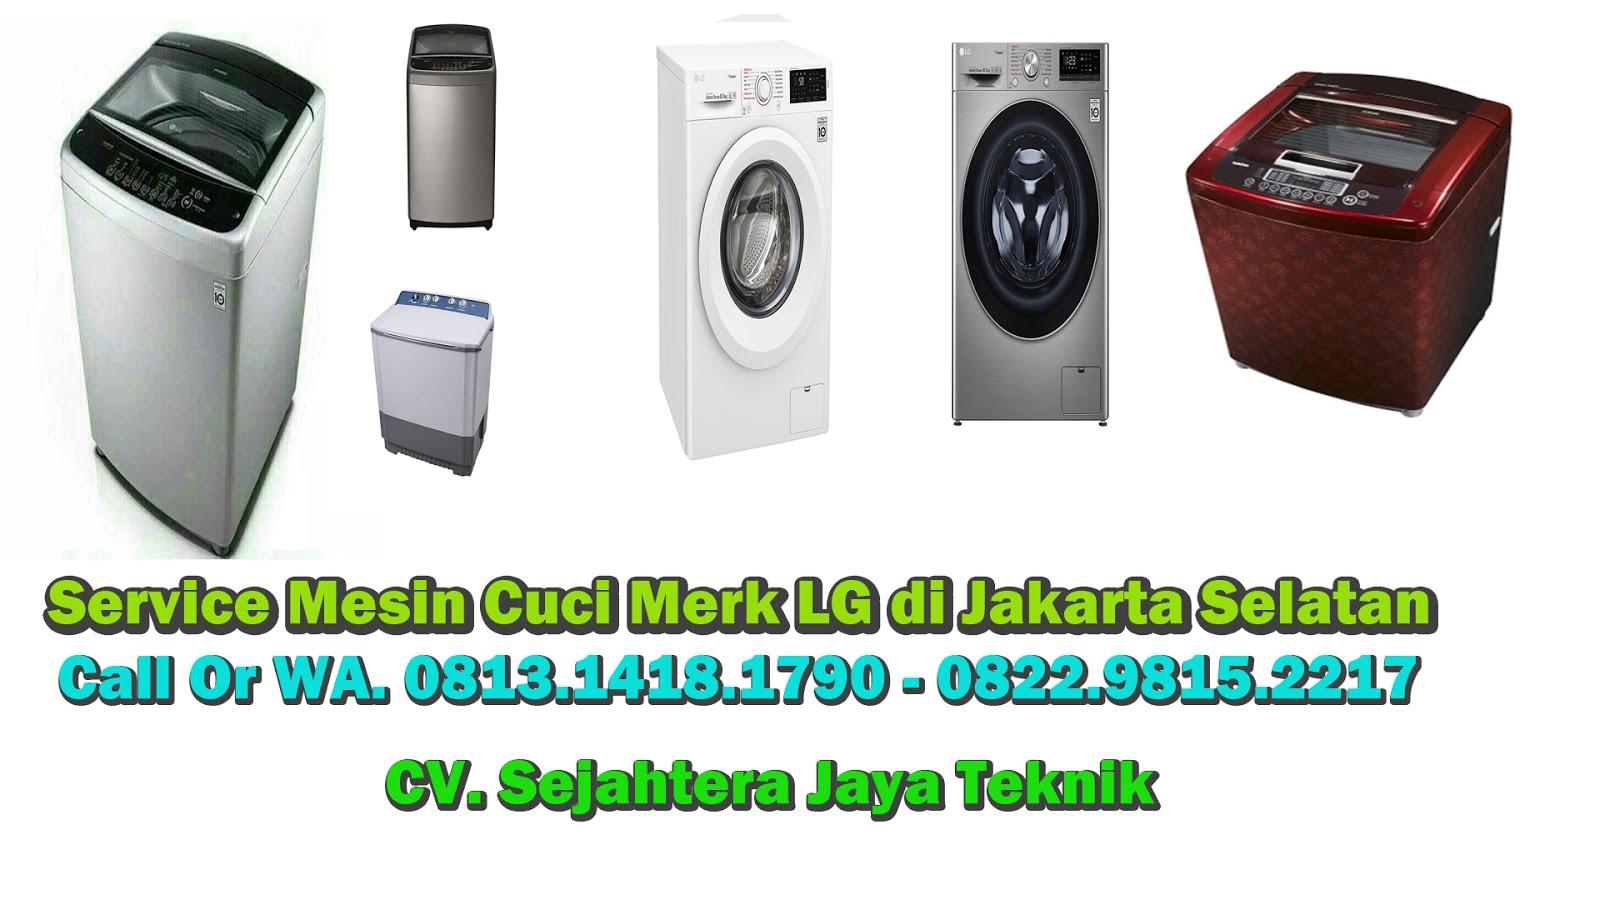 Service Mesin Cuci LG di Jakarta Selatan